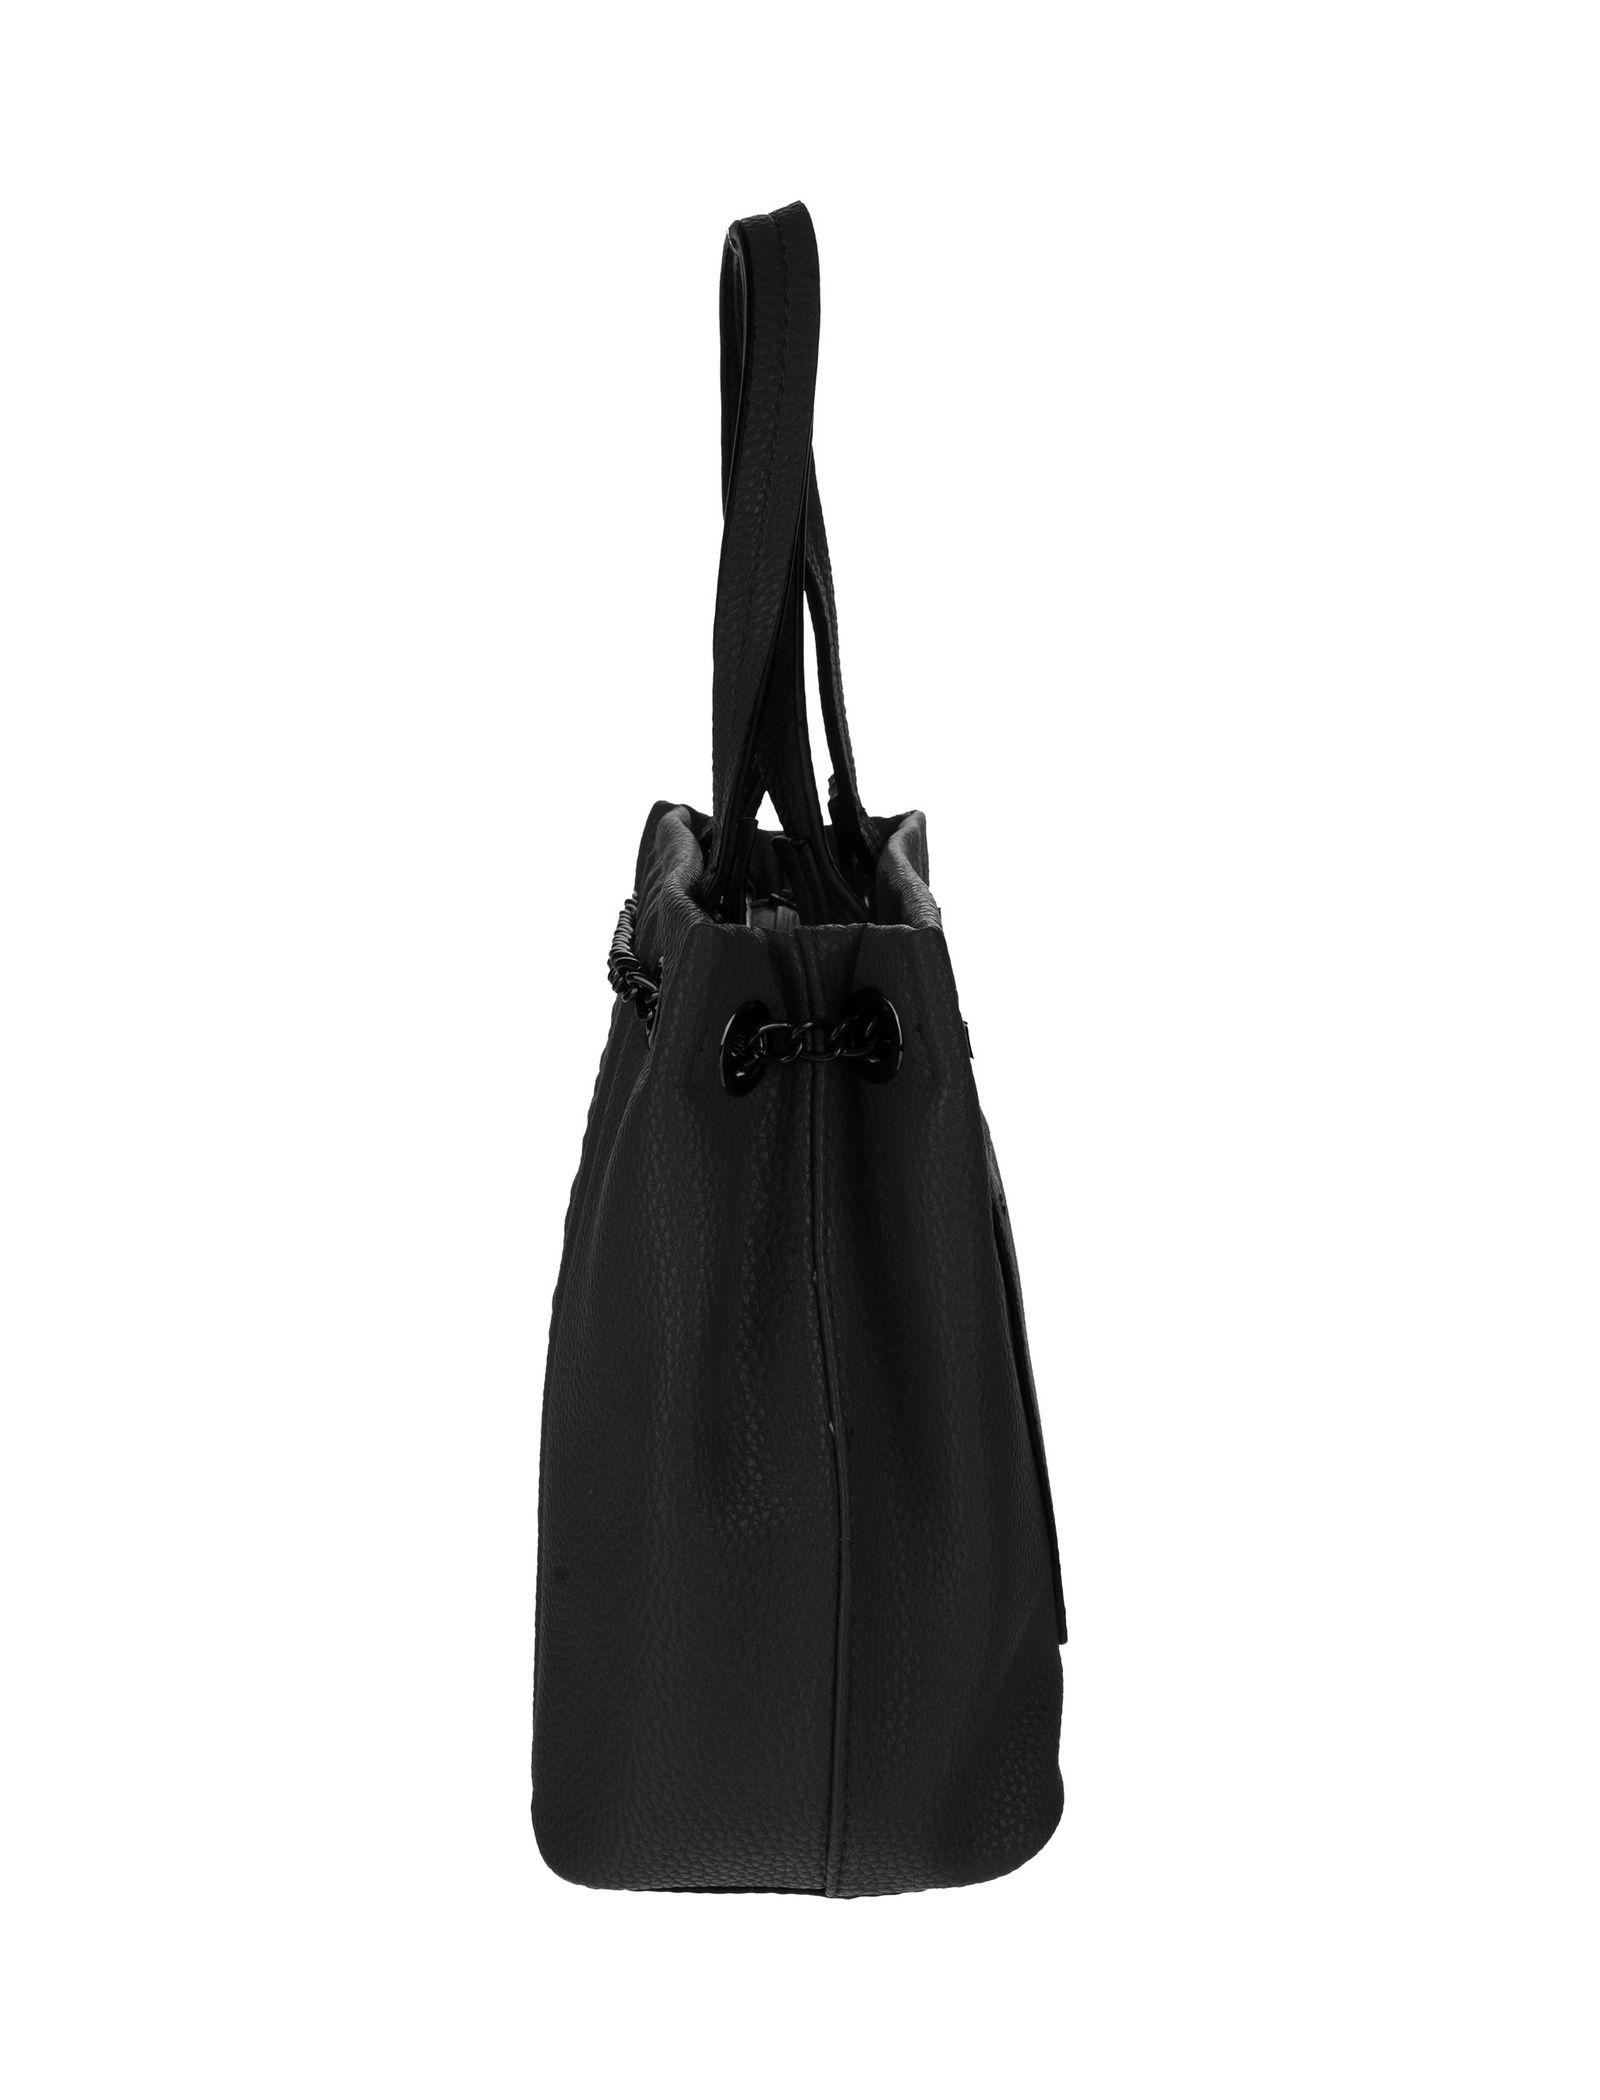 کیف دستی روزمره زنانه - جانی اند جانی تک سایز - مشکي - 6